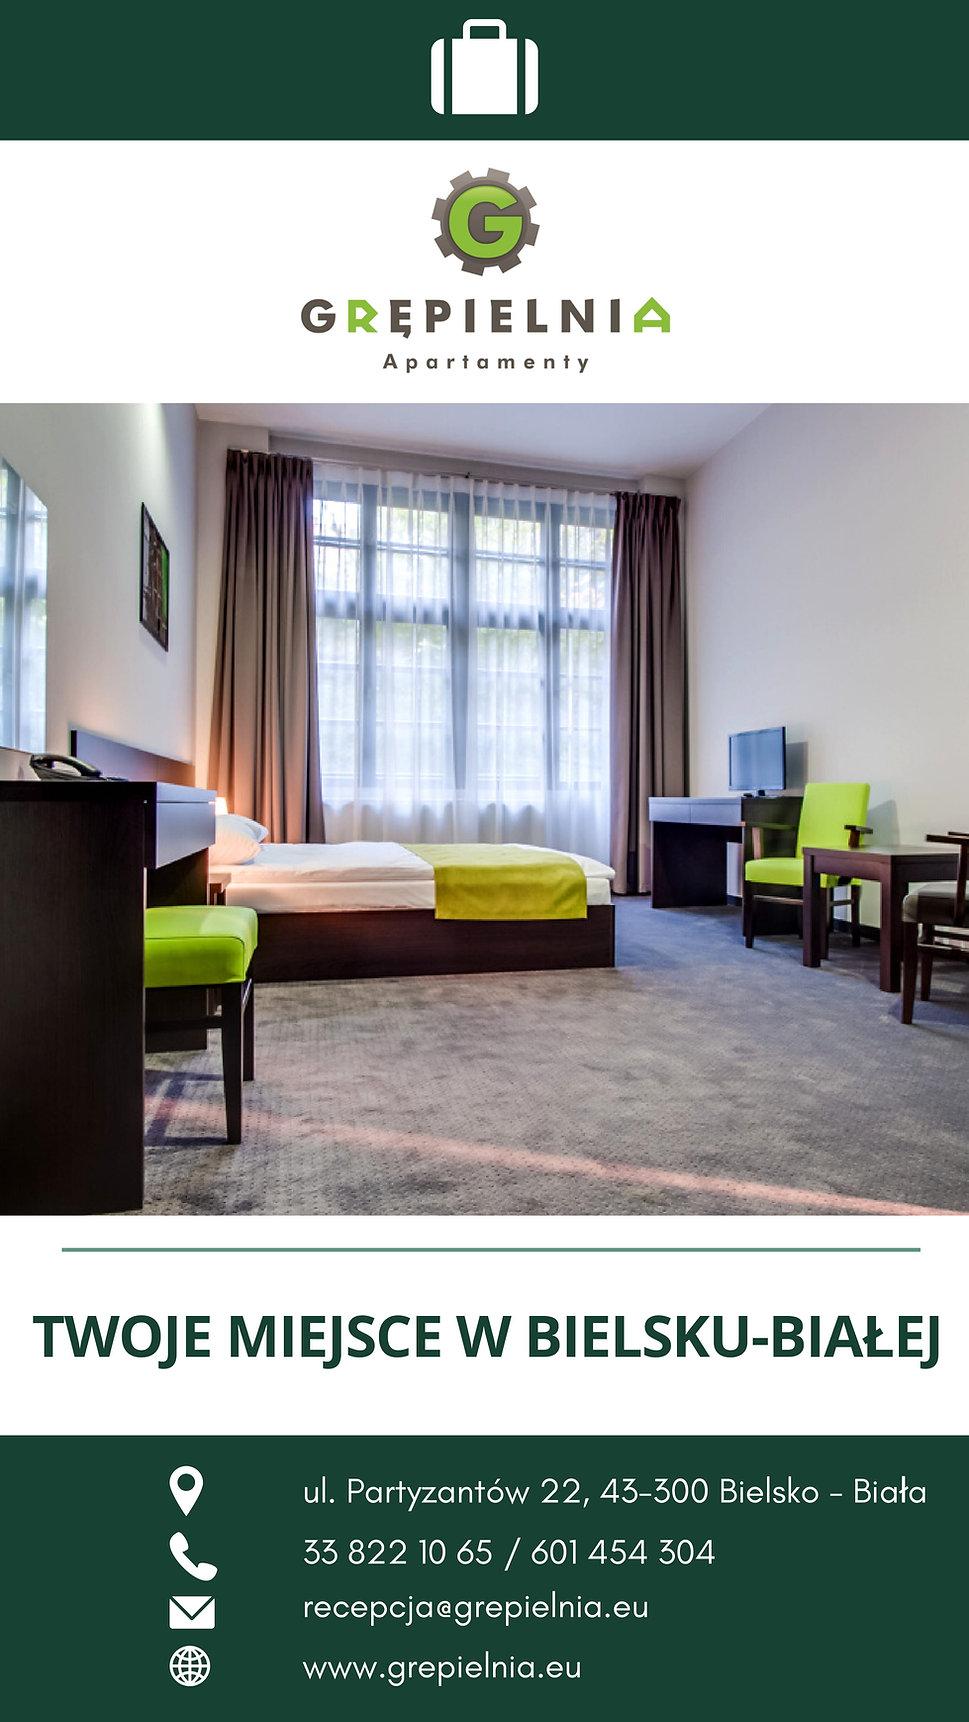 GRĘPIELNIA HOTEL & APARTAMENTY  - skróco